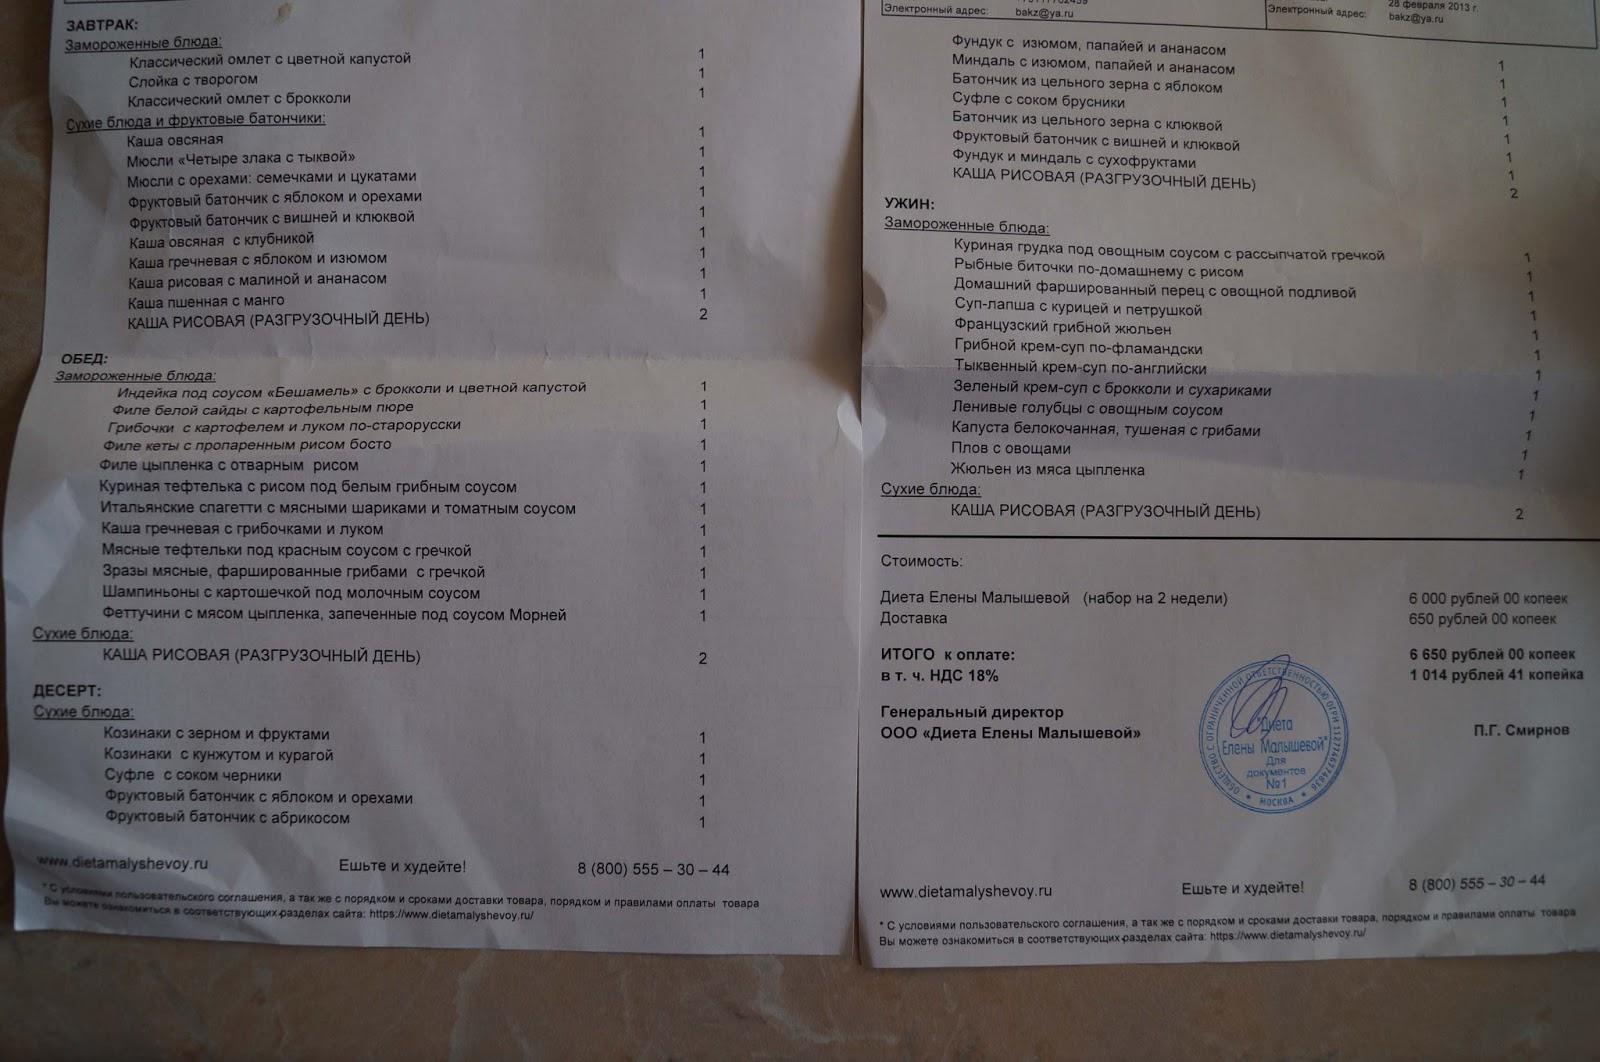 Таблица Диеты Елены Малышевой. Планы питания